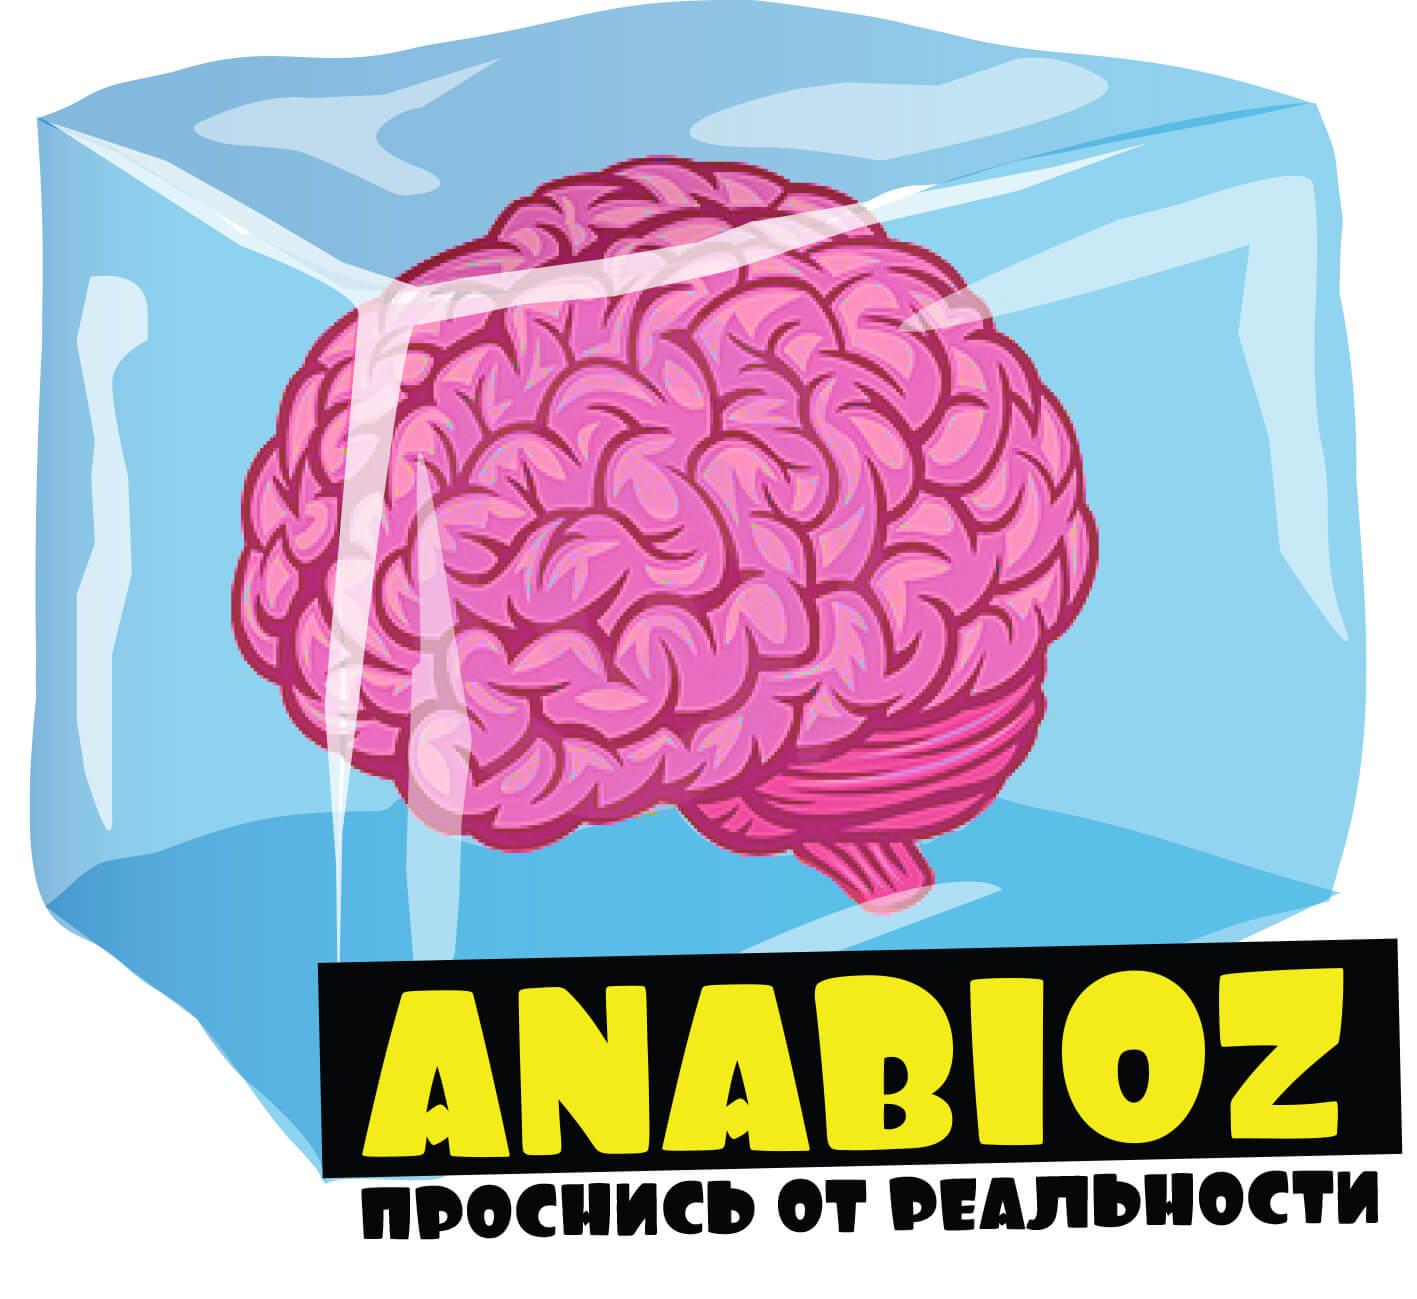 Зображення anabioz